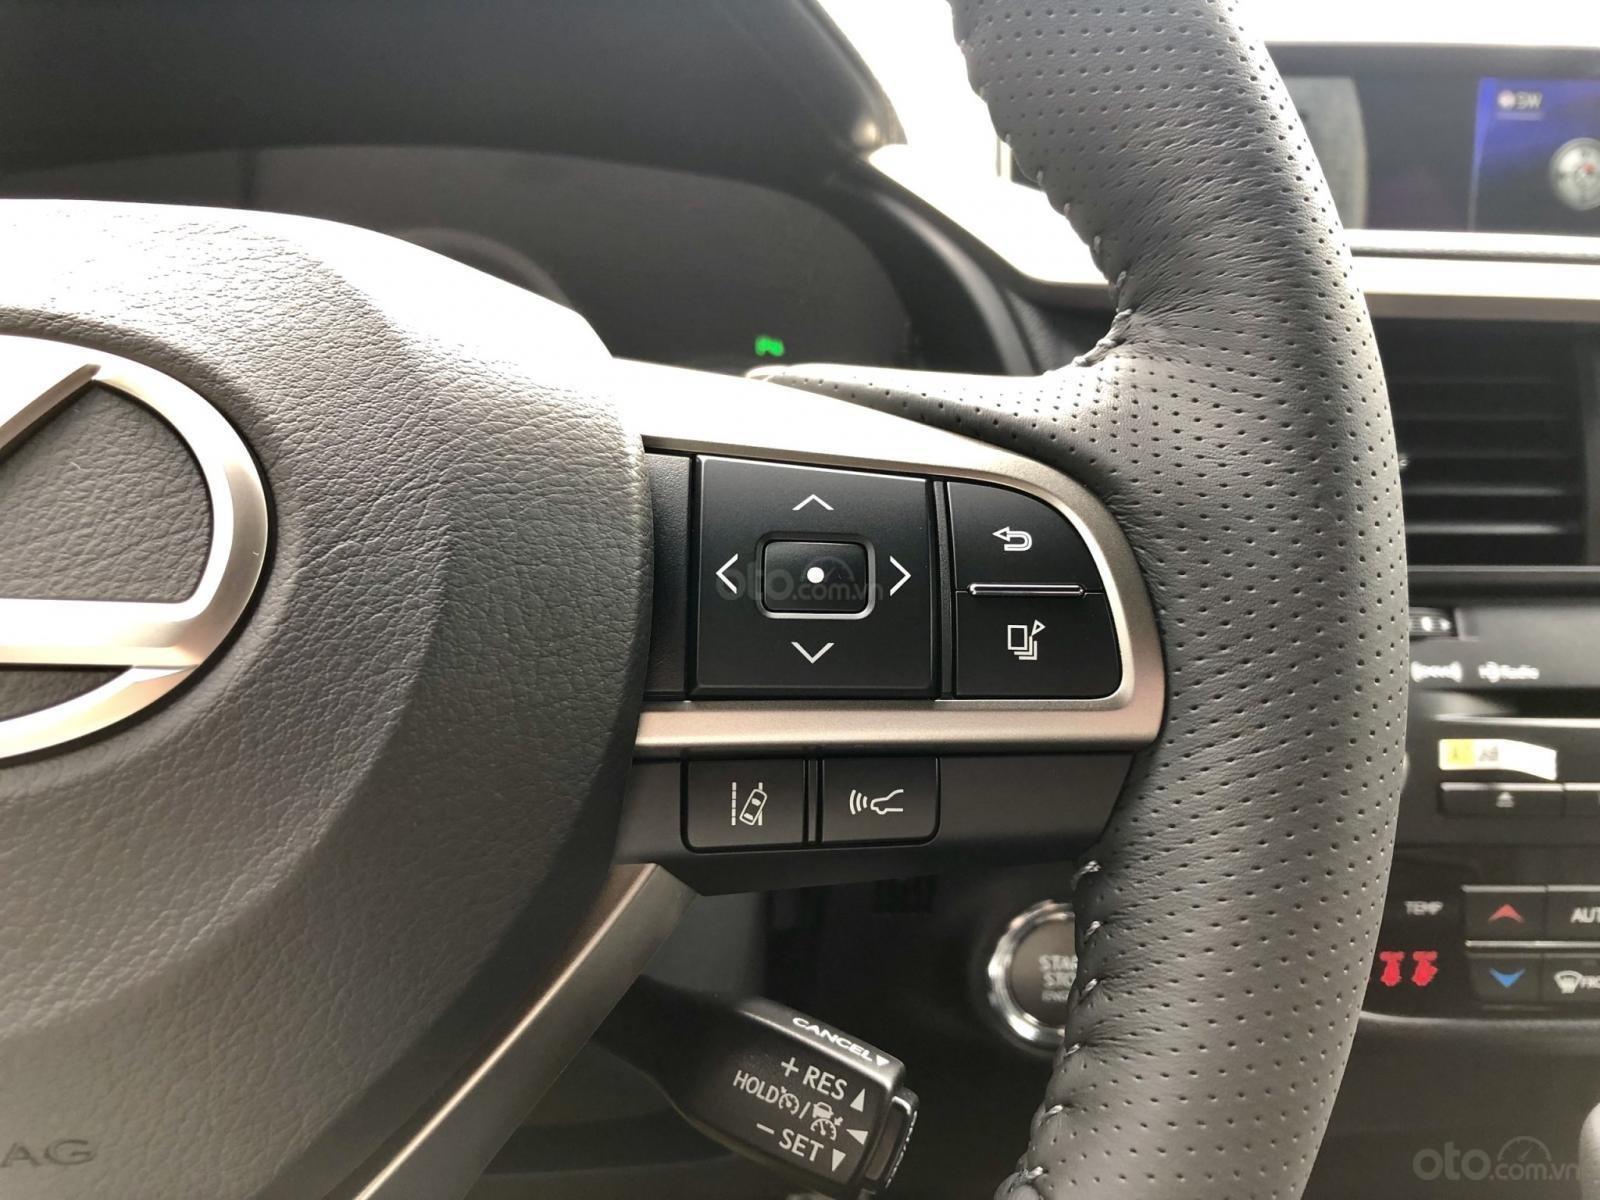 Bán Lexus RX 350 F Sport model 2020, màu trắng, nhập khẩu Mỹ, Mr Huân 0981.0101.61 (13)